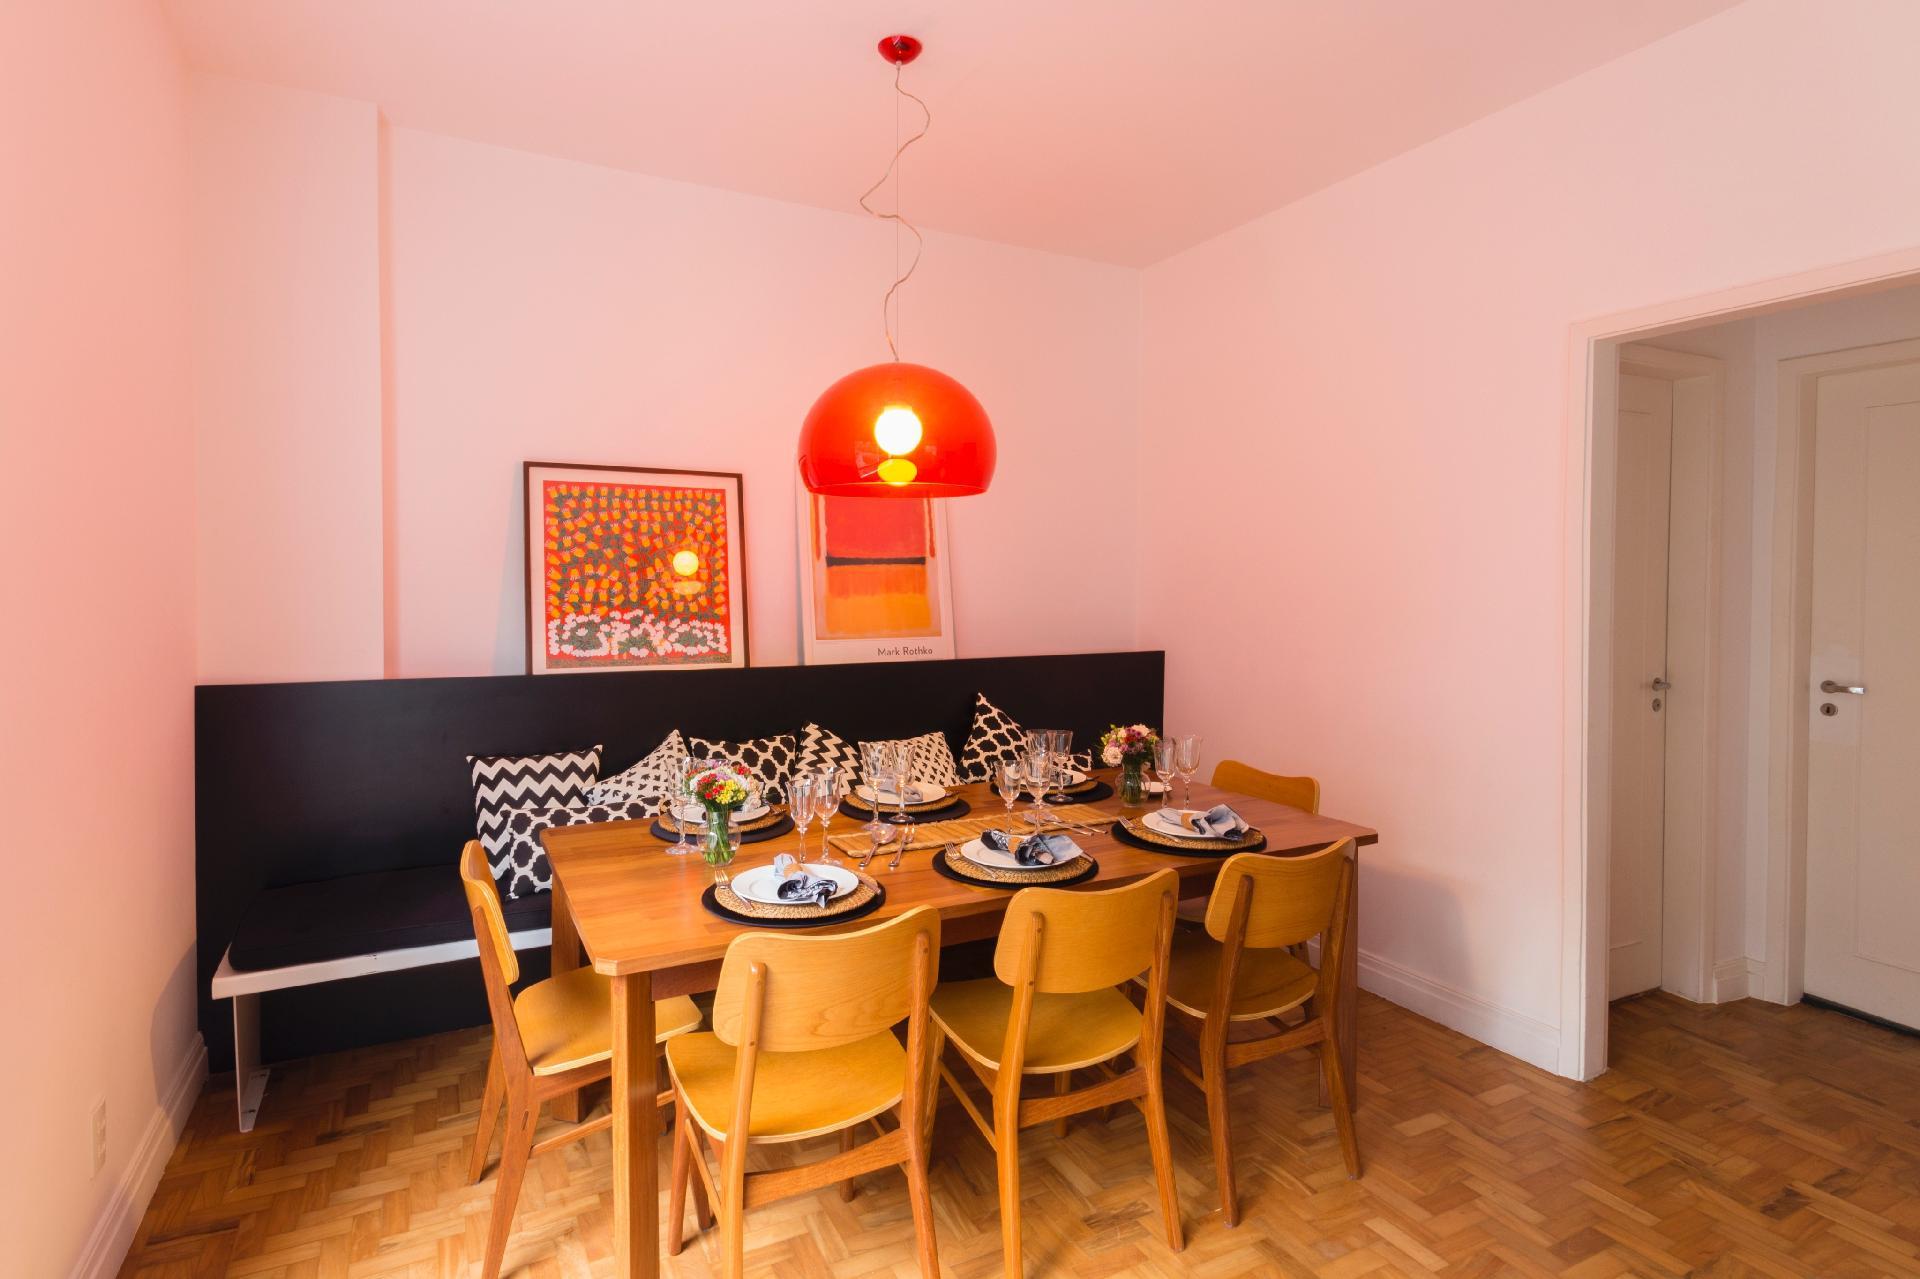 Salas de jantar: ideias para decorar o ambiente BOL Fotos BOL  #C87E03 1920x1279